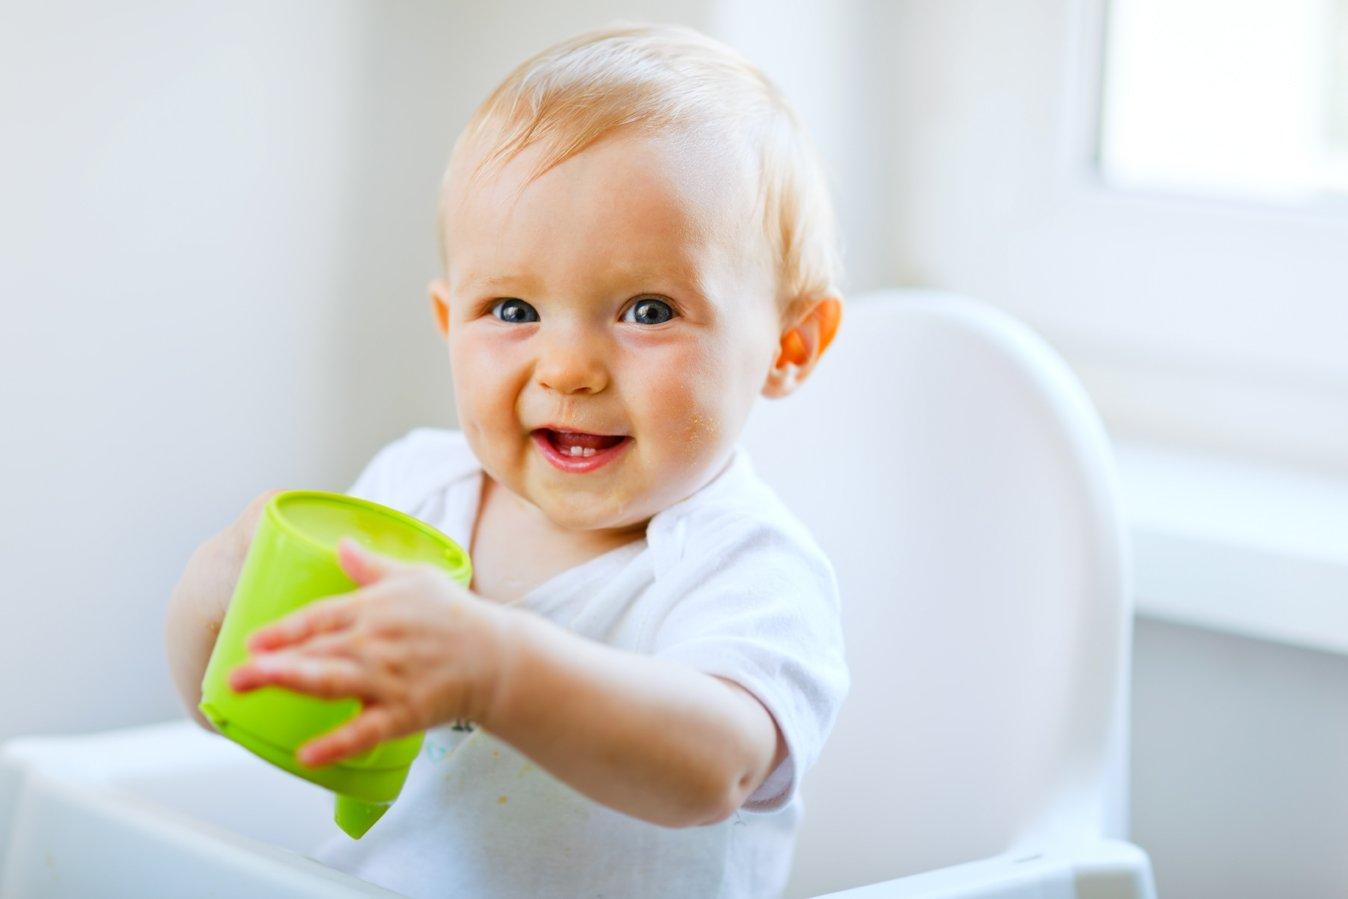 Мой ребёнок проглотил сливовую косточку, что делать?